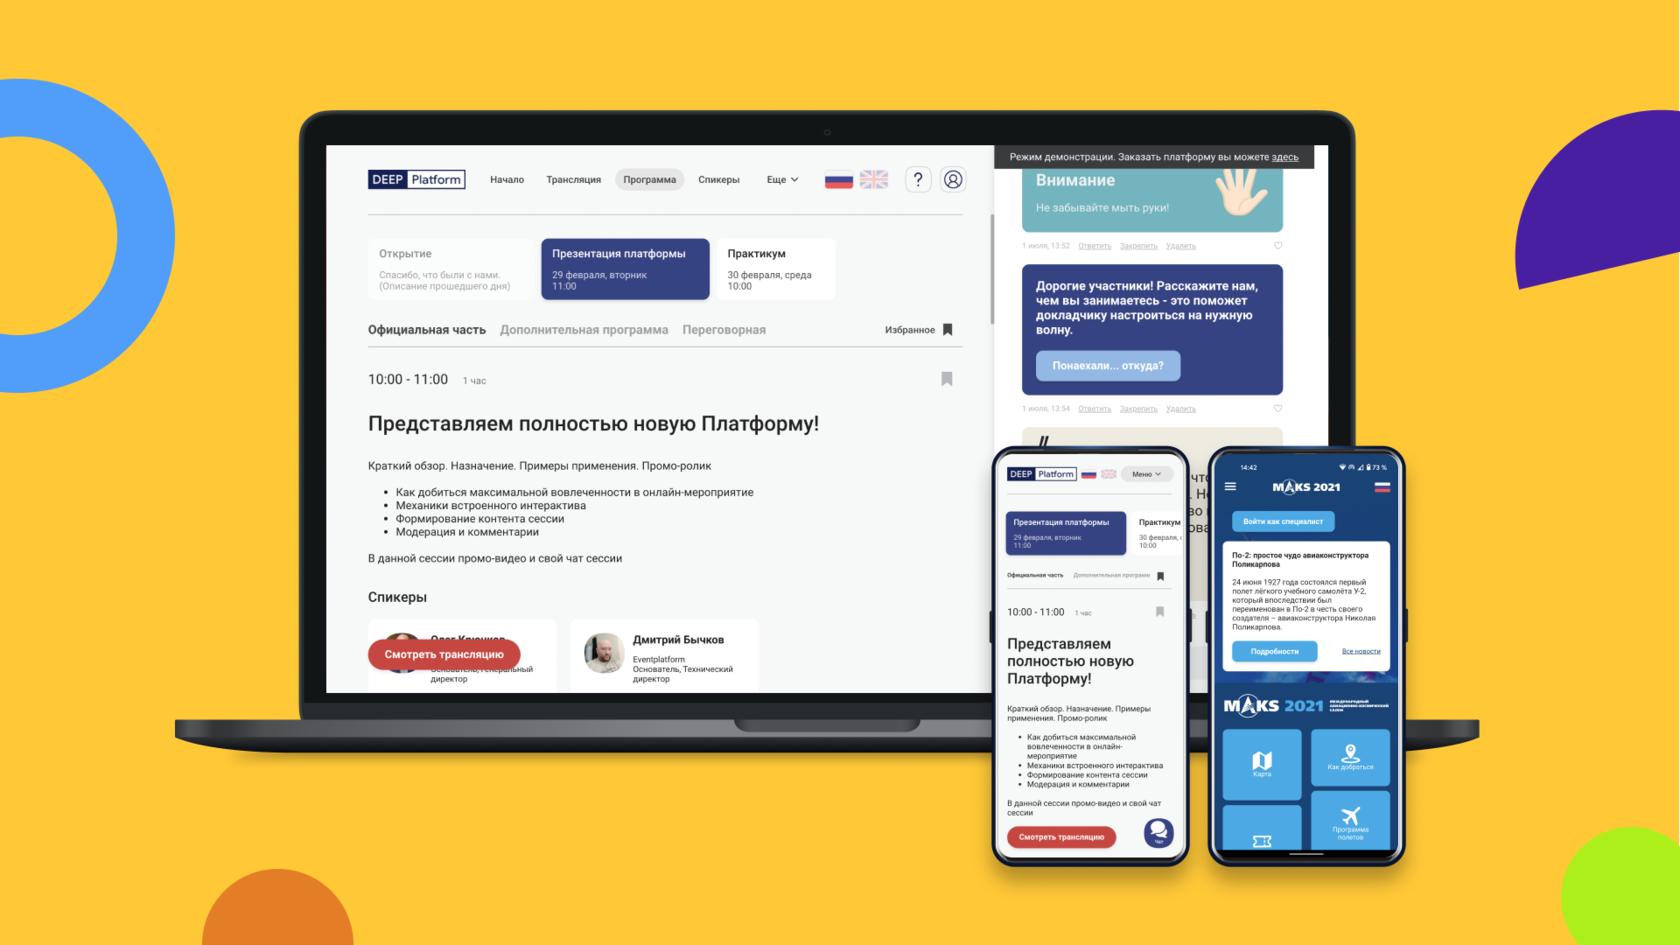 DEEP Platform - работает как сайт (десктоп и мобильный), PWA и мобильное приложение